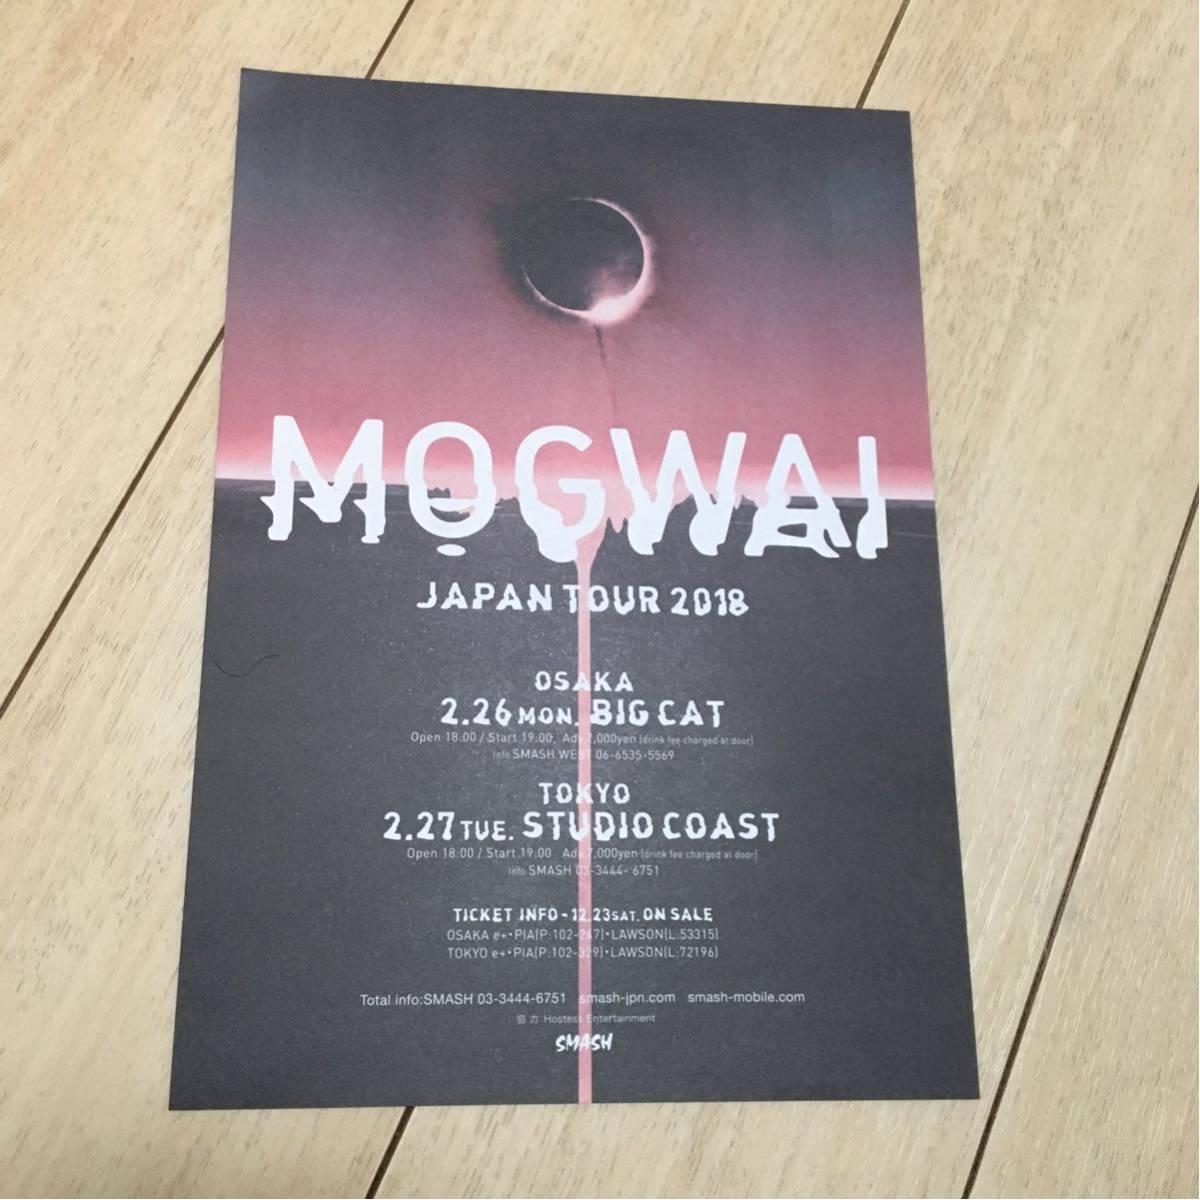 モグワイ mogwai japan tour 2018 来日 ライブ 告知 チラシ ポスト ロック バンド